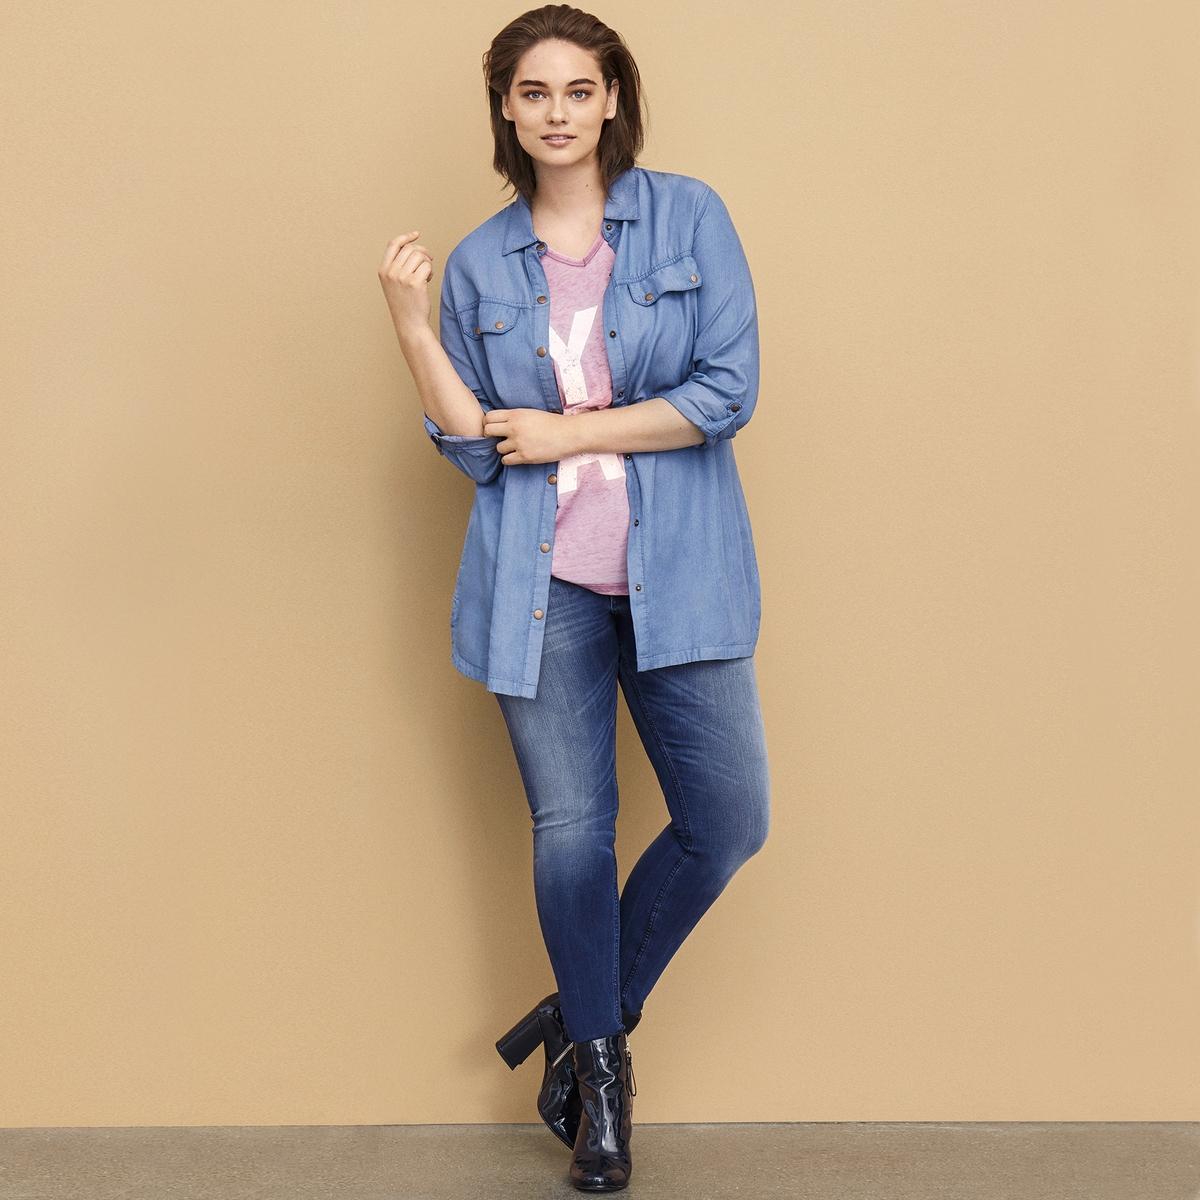 РубашкаРубашка ZIZZI. Красивая длинная рубашка из 100% тенсела, комфортная дышащая ткань. Носить с леггинсами или узкими джинсами для непринужденного внешнего вида.     Нагрудные карманы . Застежка на пуговицы спереди.<br><br>Цвет: голубой<br>Размер: 42/44 (FR) - 48/50 (RUS)